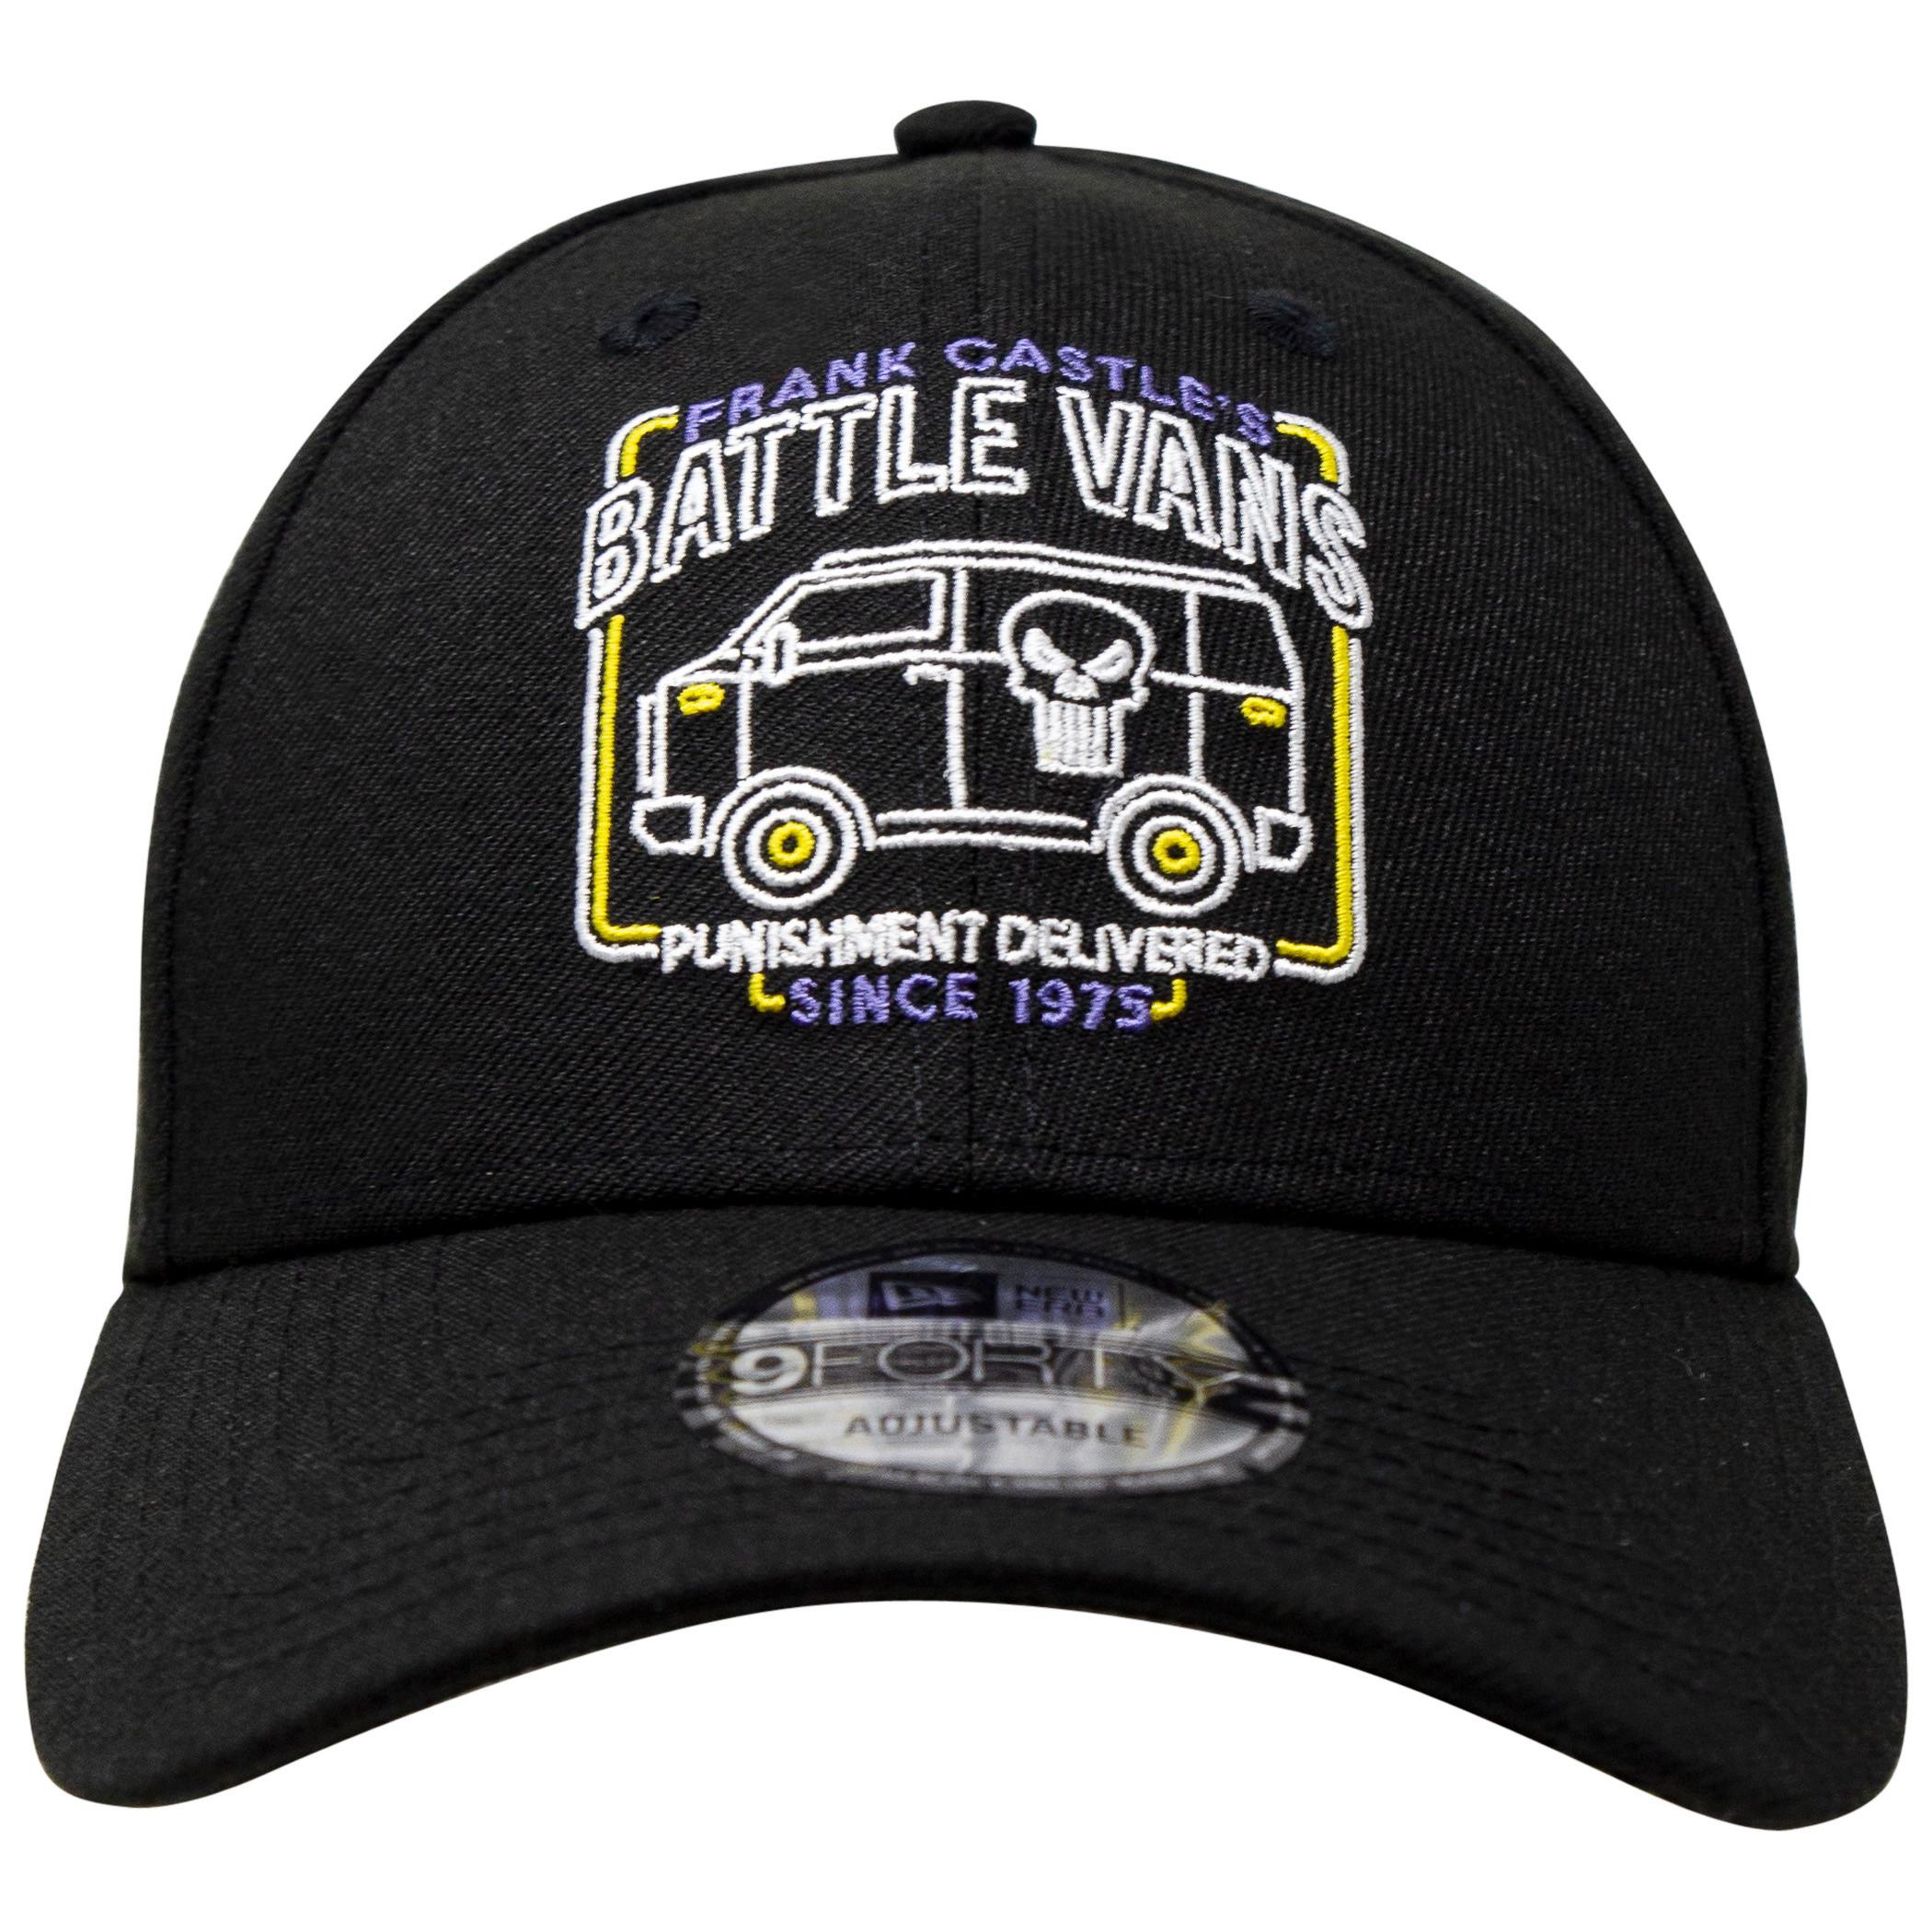 The Punisher Battle Van Marvel 80th New Era 9Forty Adjustable Hat